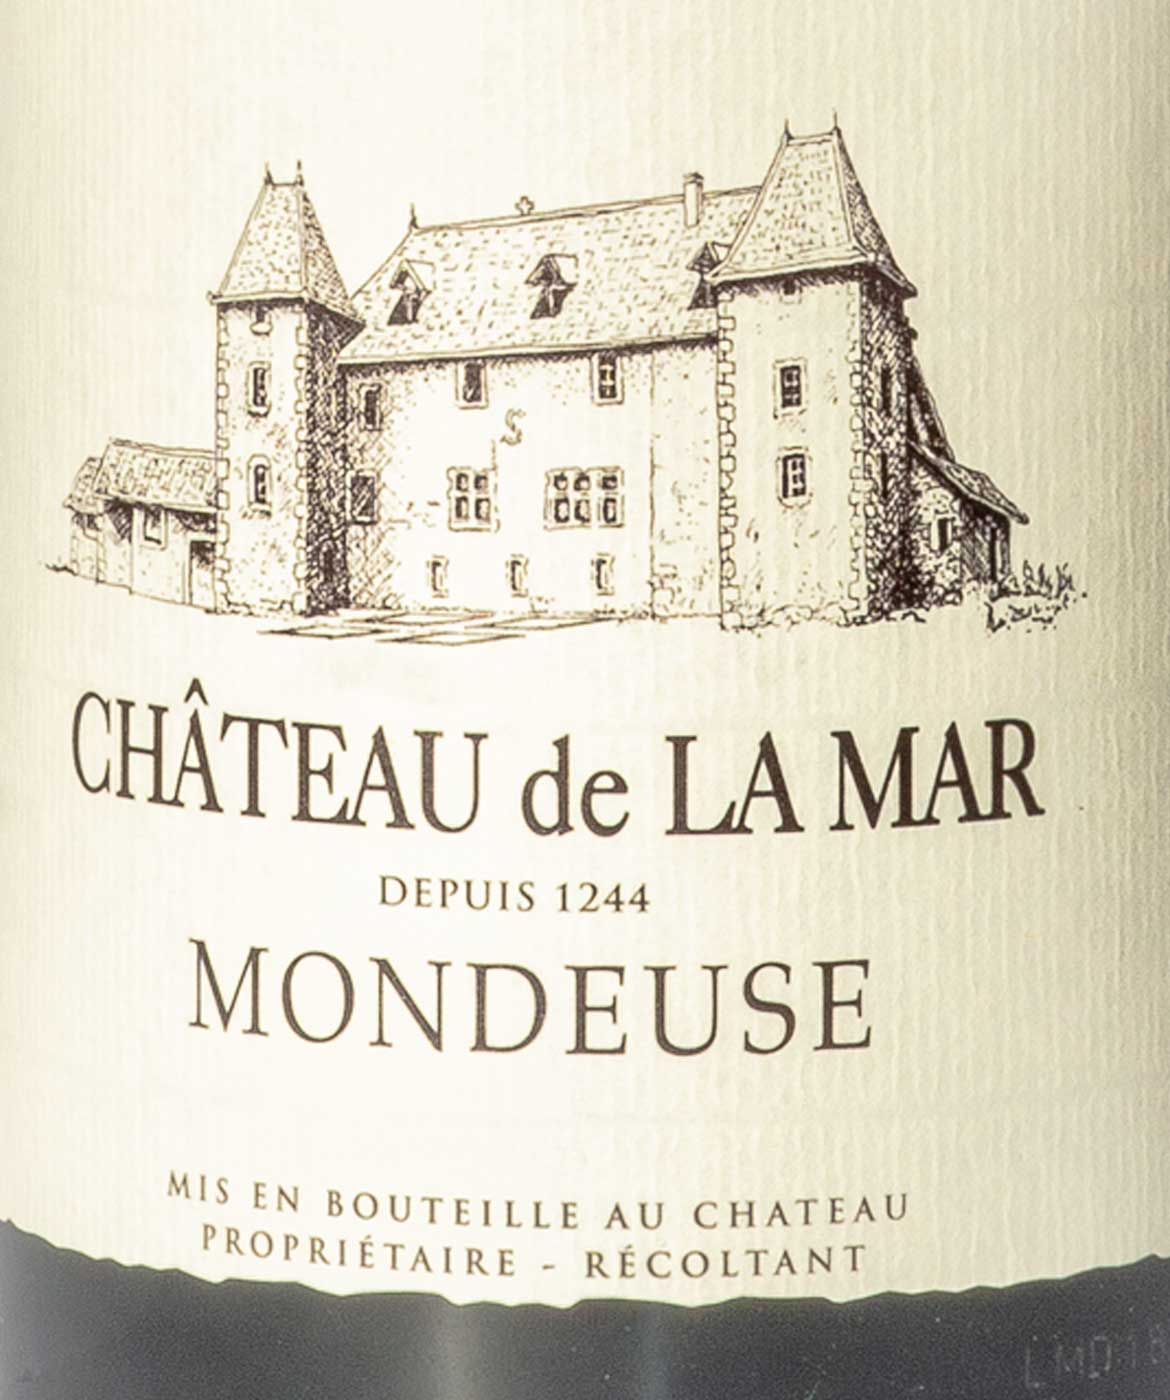 Mondeuse Savoie - Etiquette vins rouges de savoie